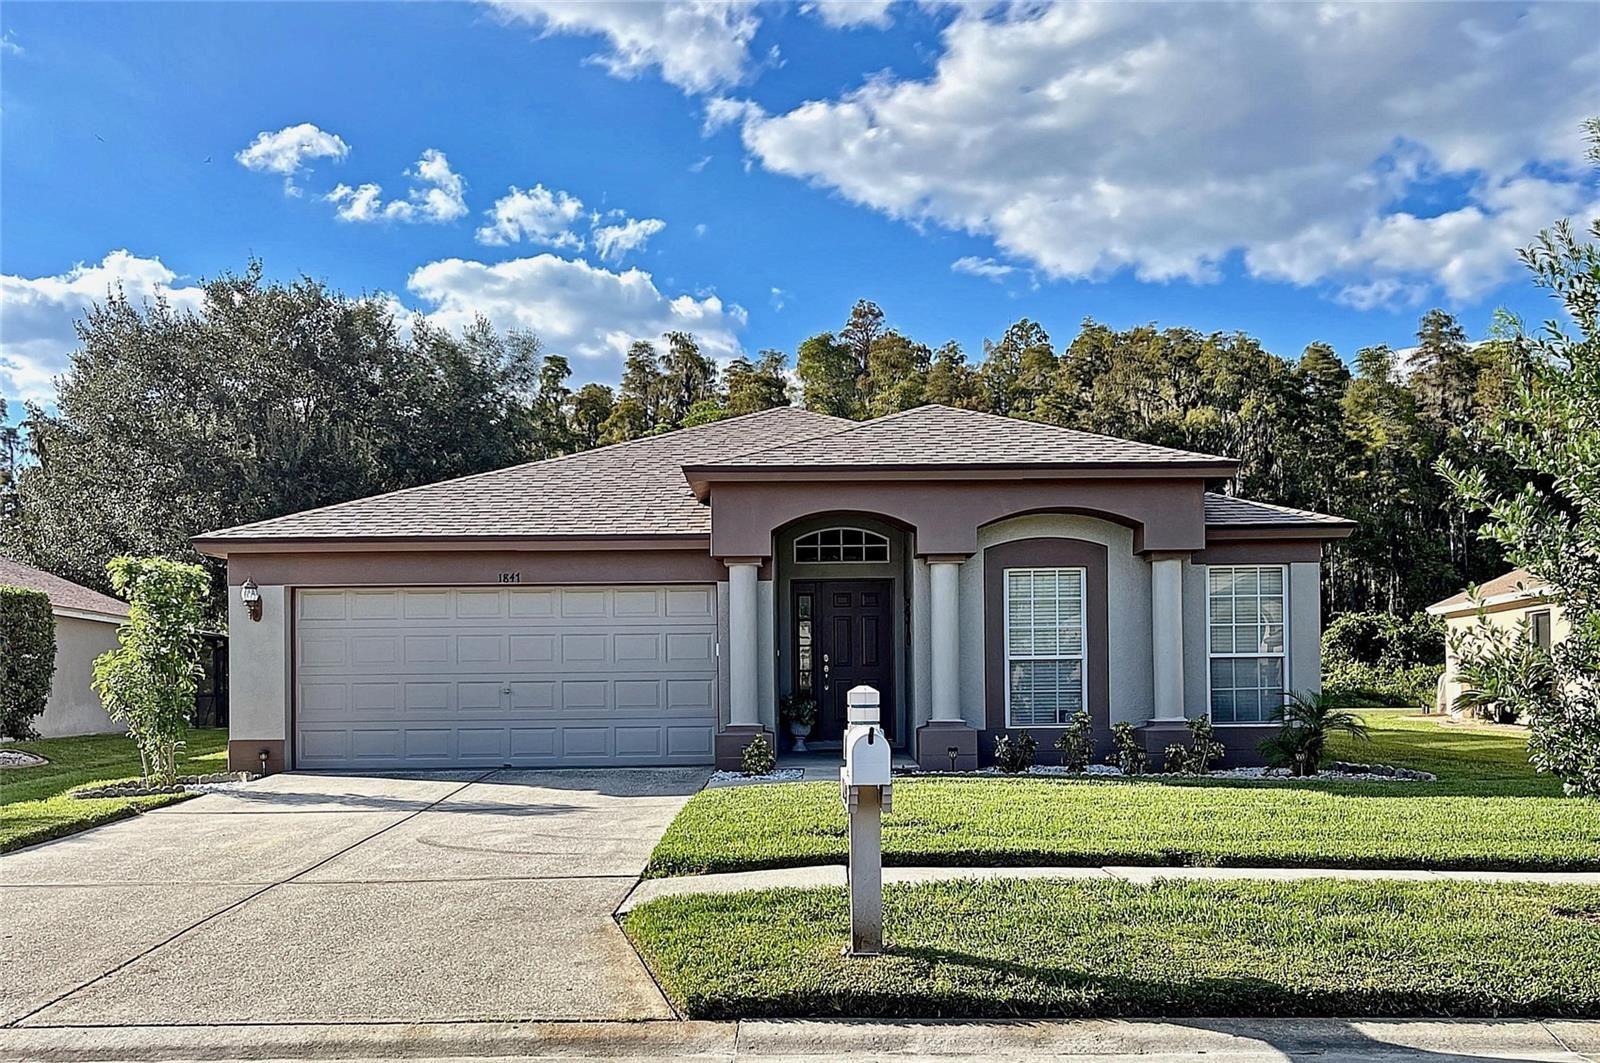 1847 RENSSELAER DRIVE, Wesley Chapel, FL 33543 - MLS#: U8140733